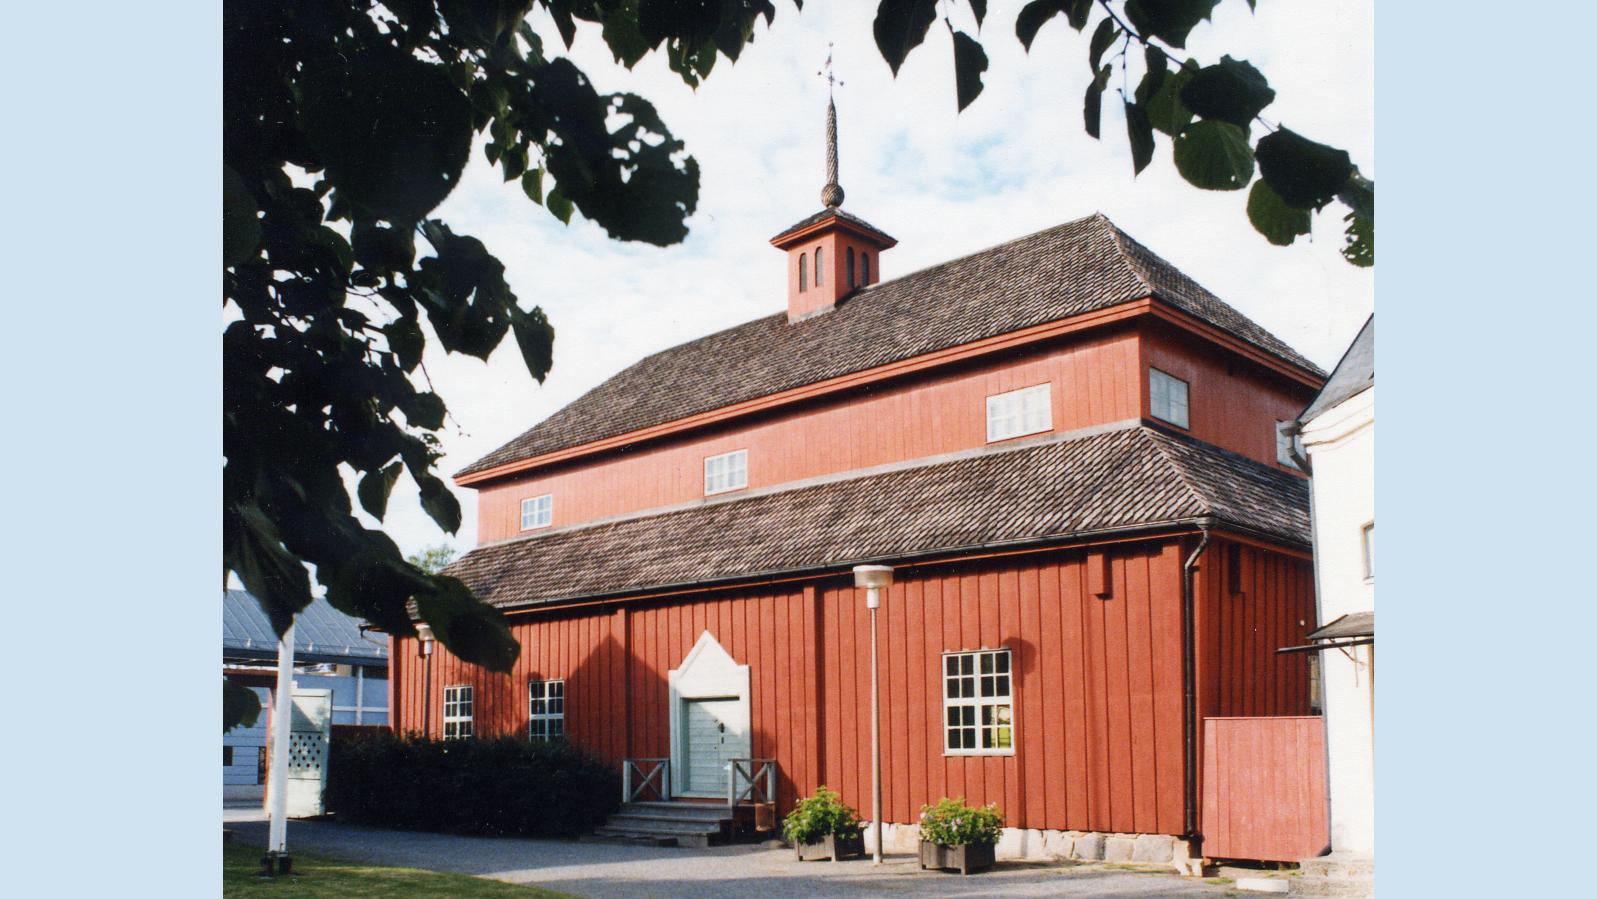 Punainen, puinen vanha koulurakennus kesällä kuvattuna.